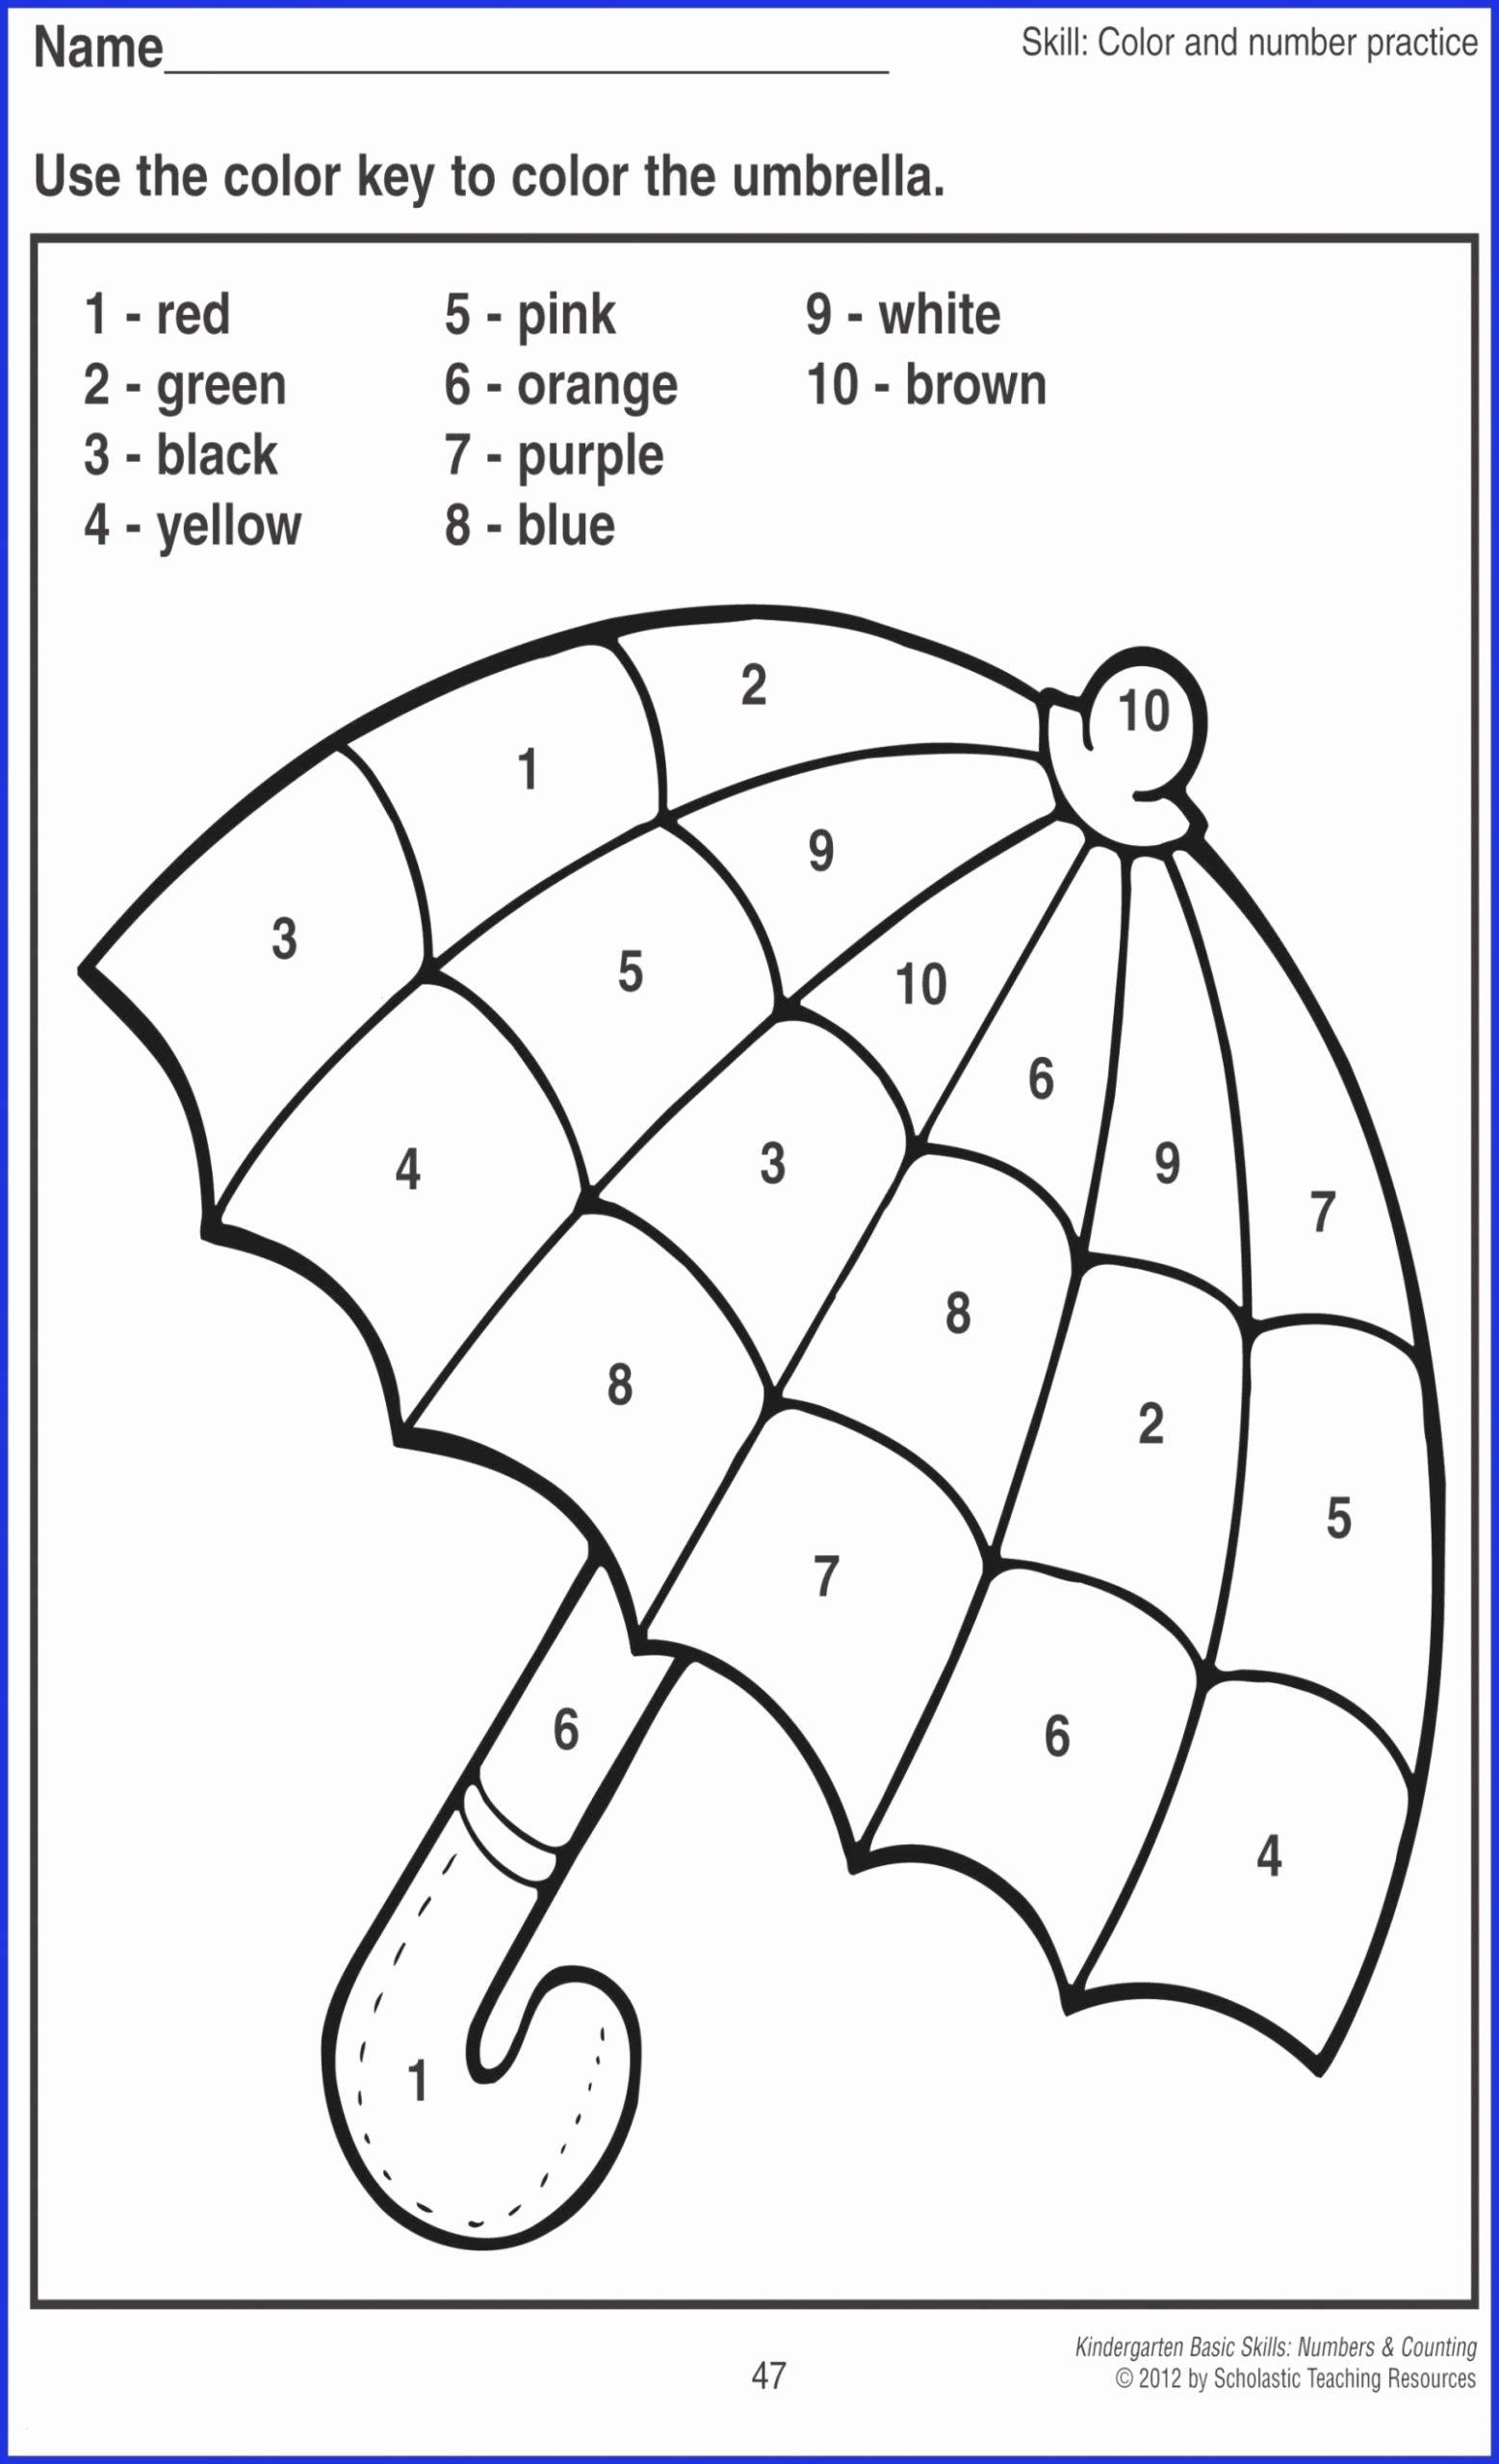 Green Worksheets for Preschoolers Inspirational Worksheets Printable Worksheets for Year Olds Lovely